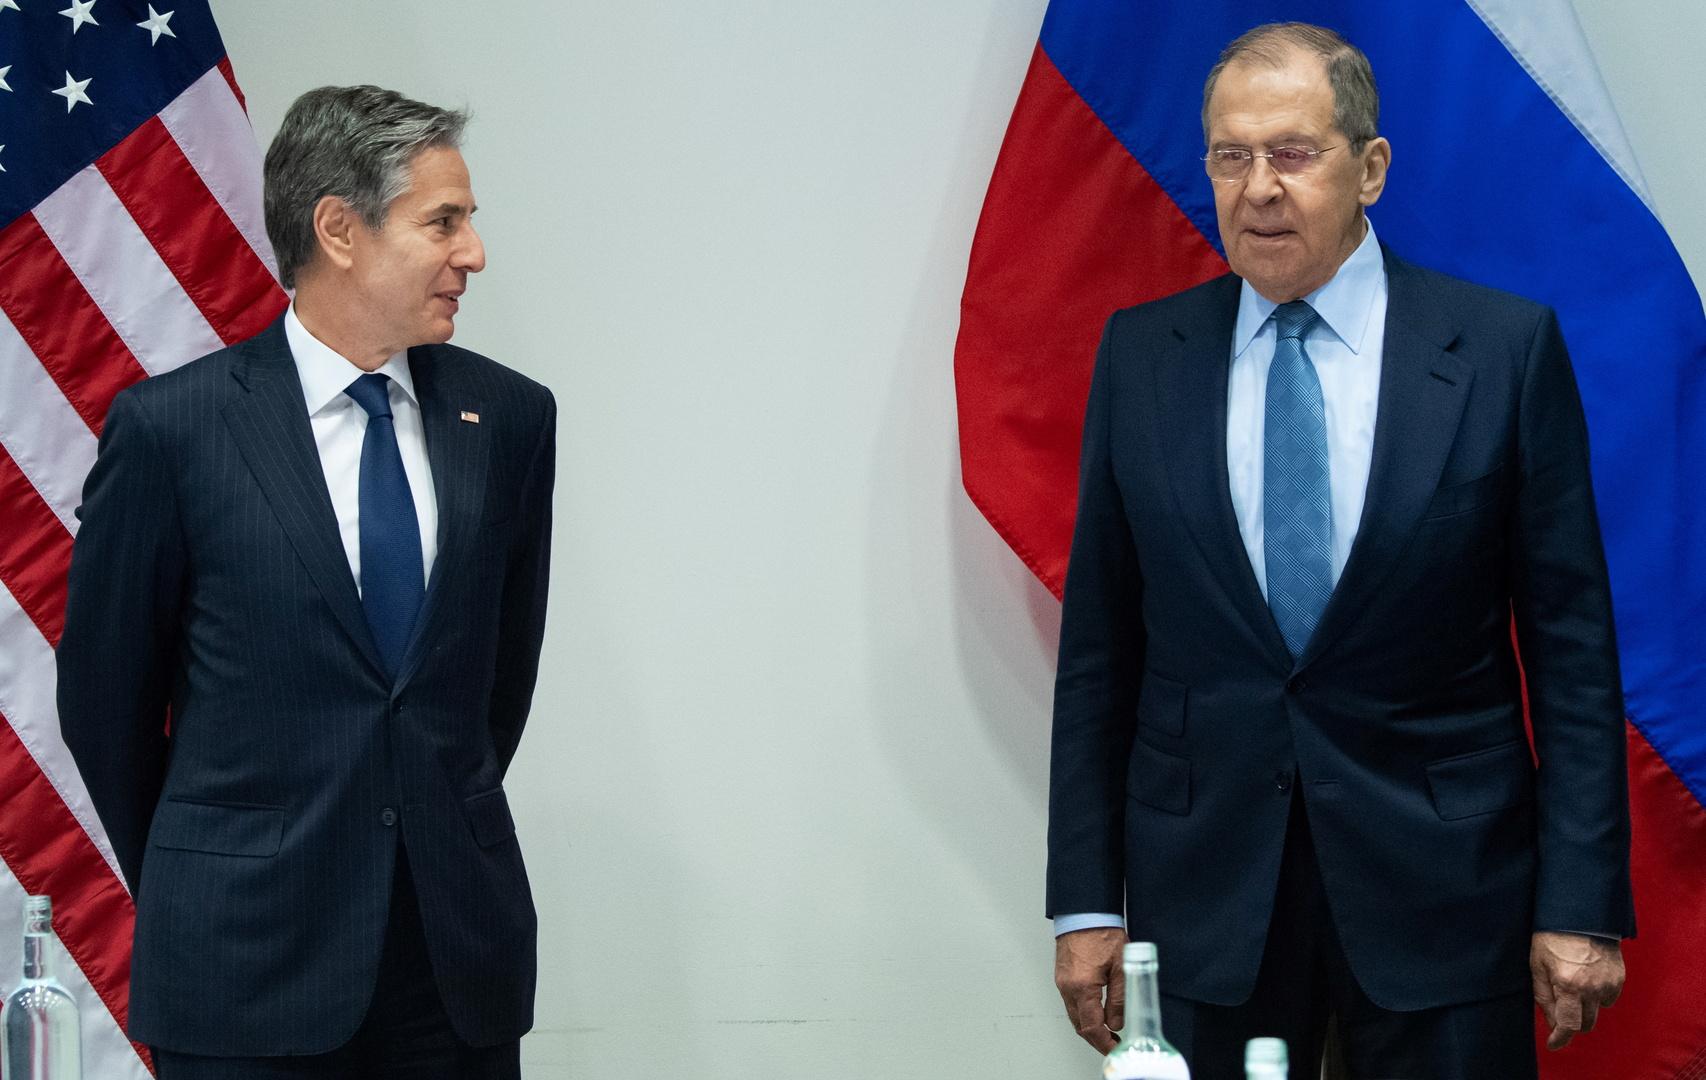 بلينكن يؤكد خلال لقائه لافروف أهمية إيصال المساعدات الإنسانية للشعب السوري